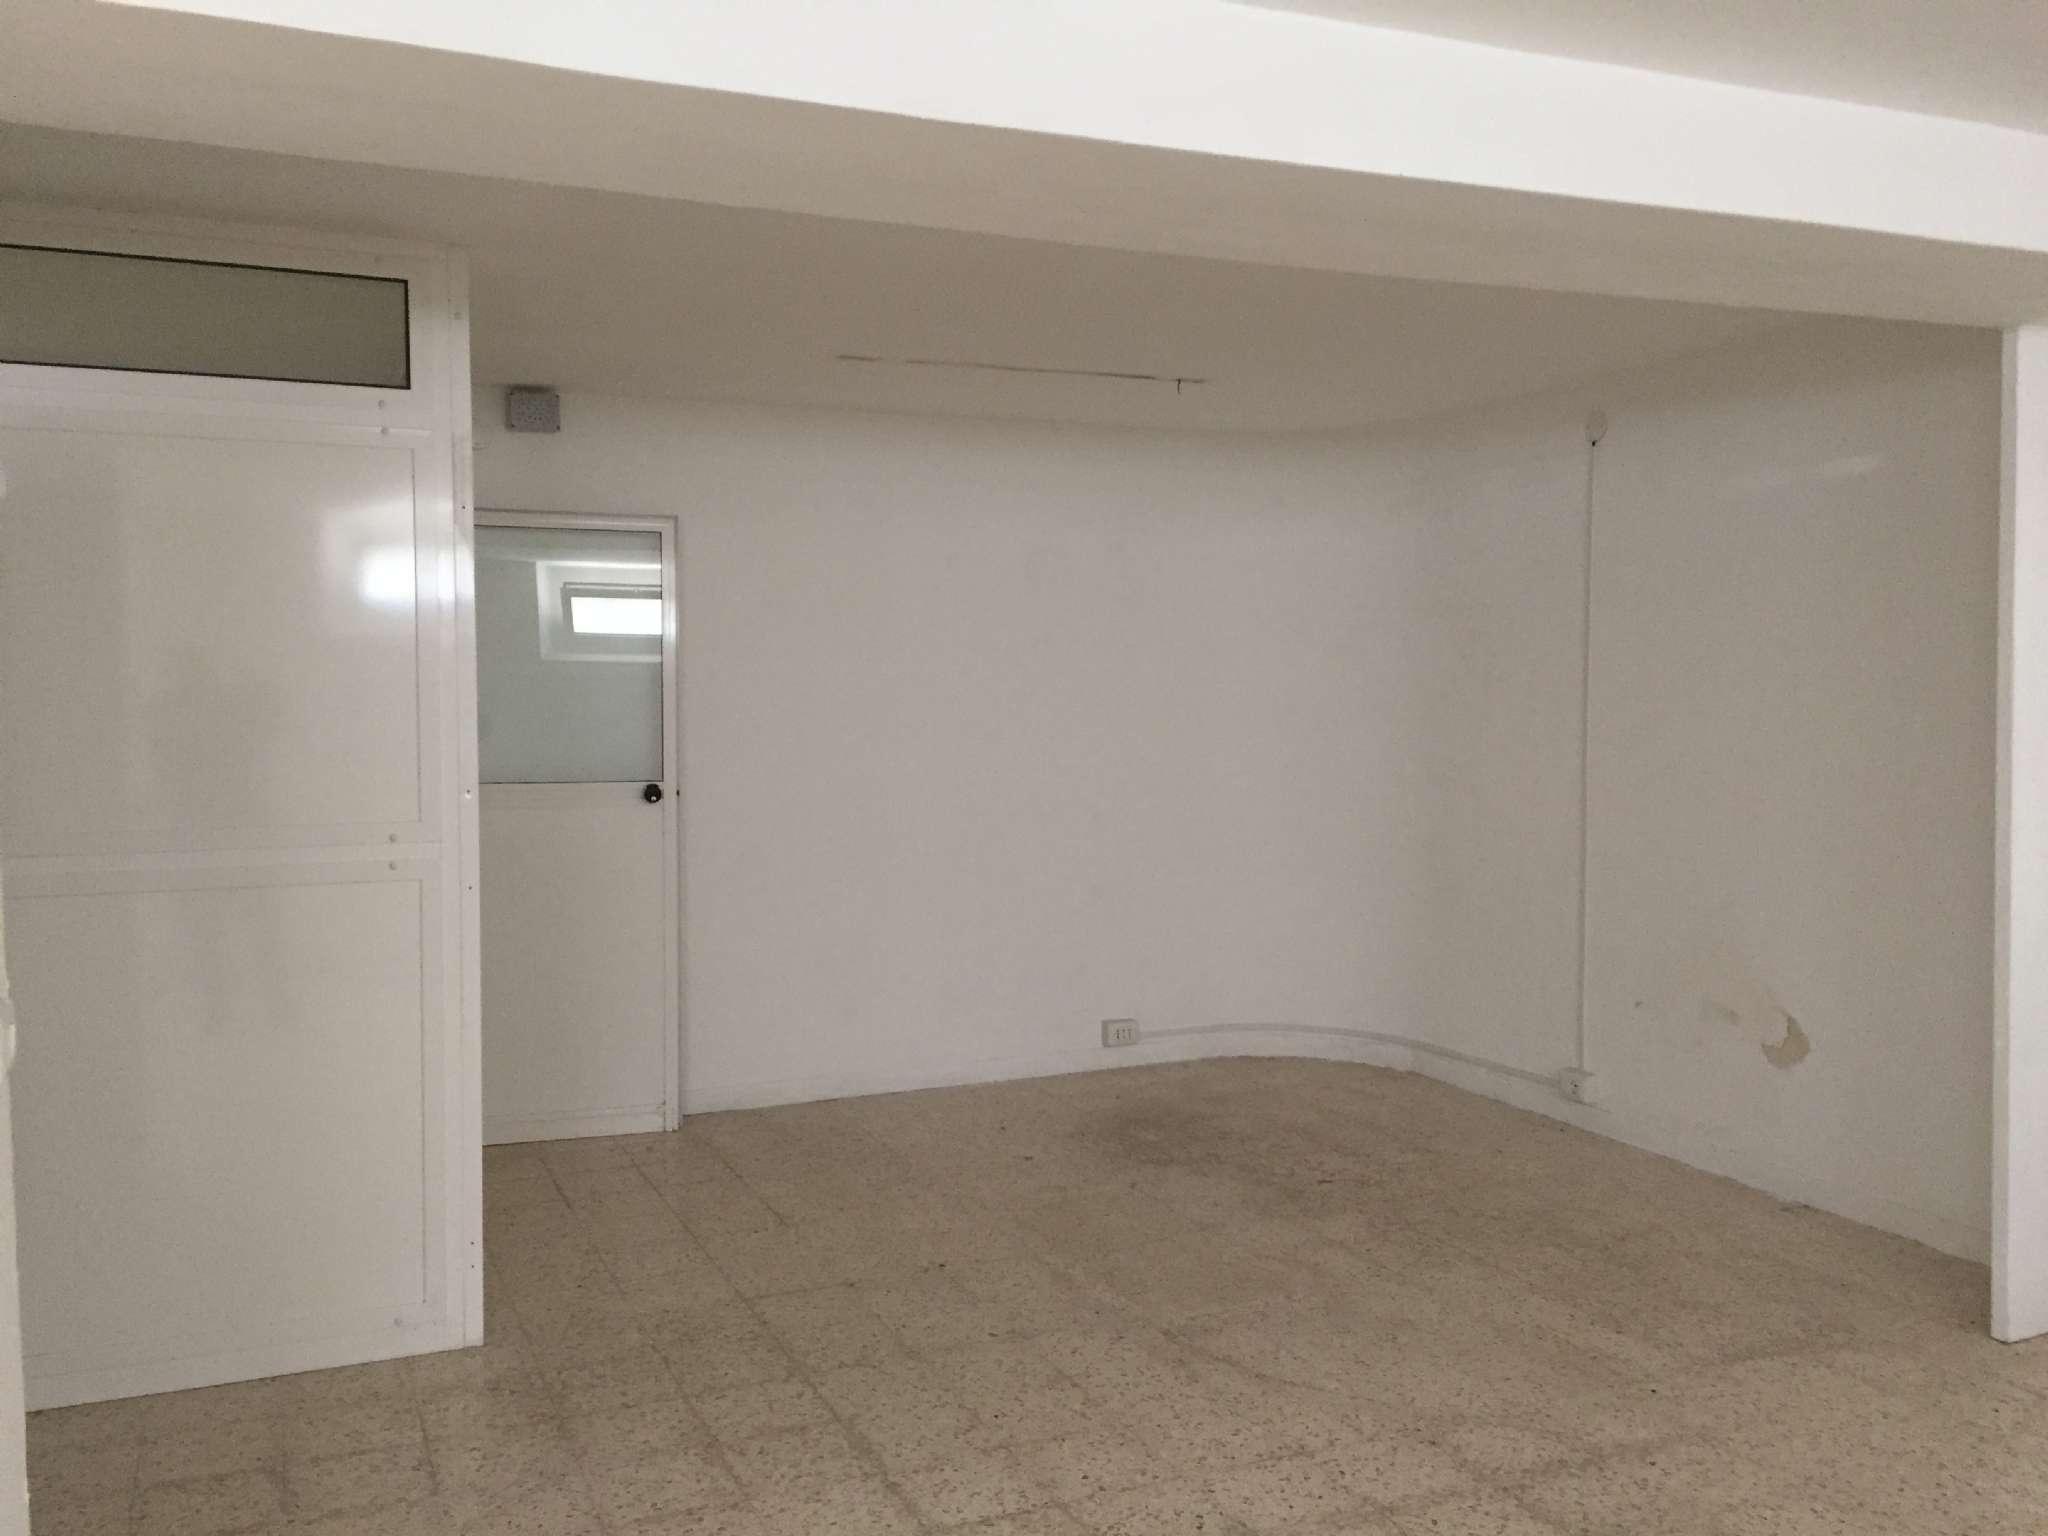 Appartamento monolocale in affitto a Modugno (BA)